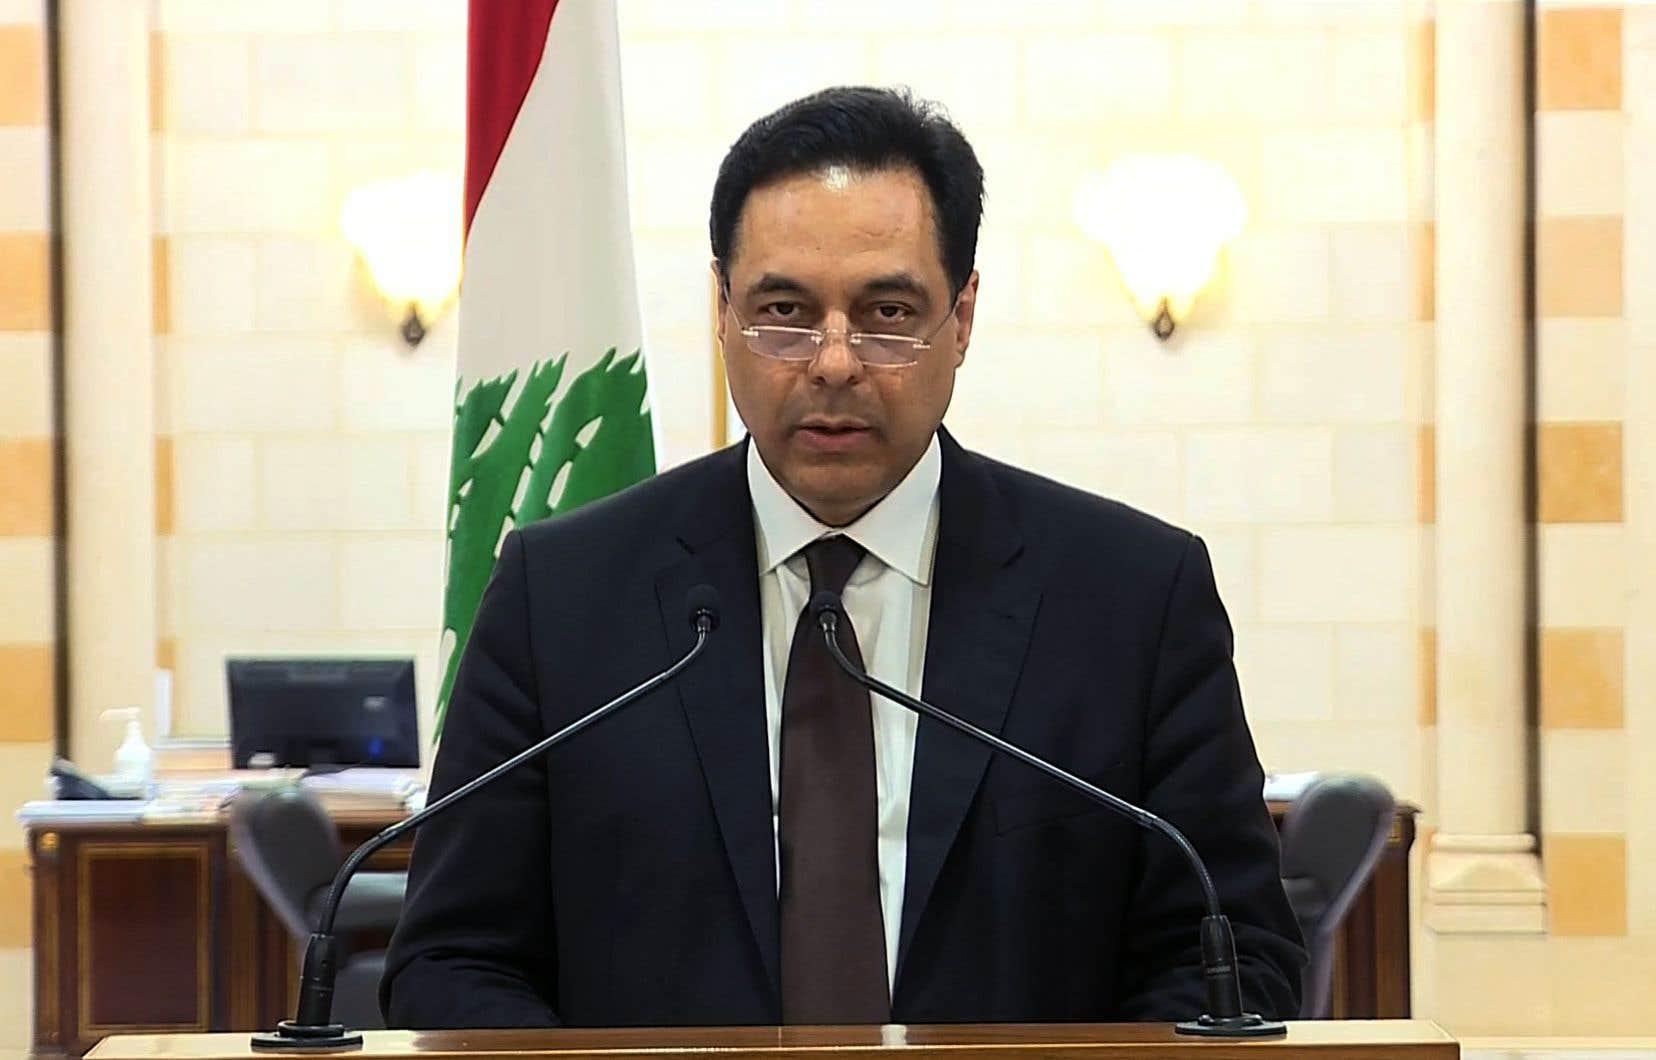 «Aujourd'hui, j'annonce la démission de ce gouvernement», a déclaré le premier ministre Hassan Diab dans un discours télévisé adressé aux Libanais.